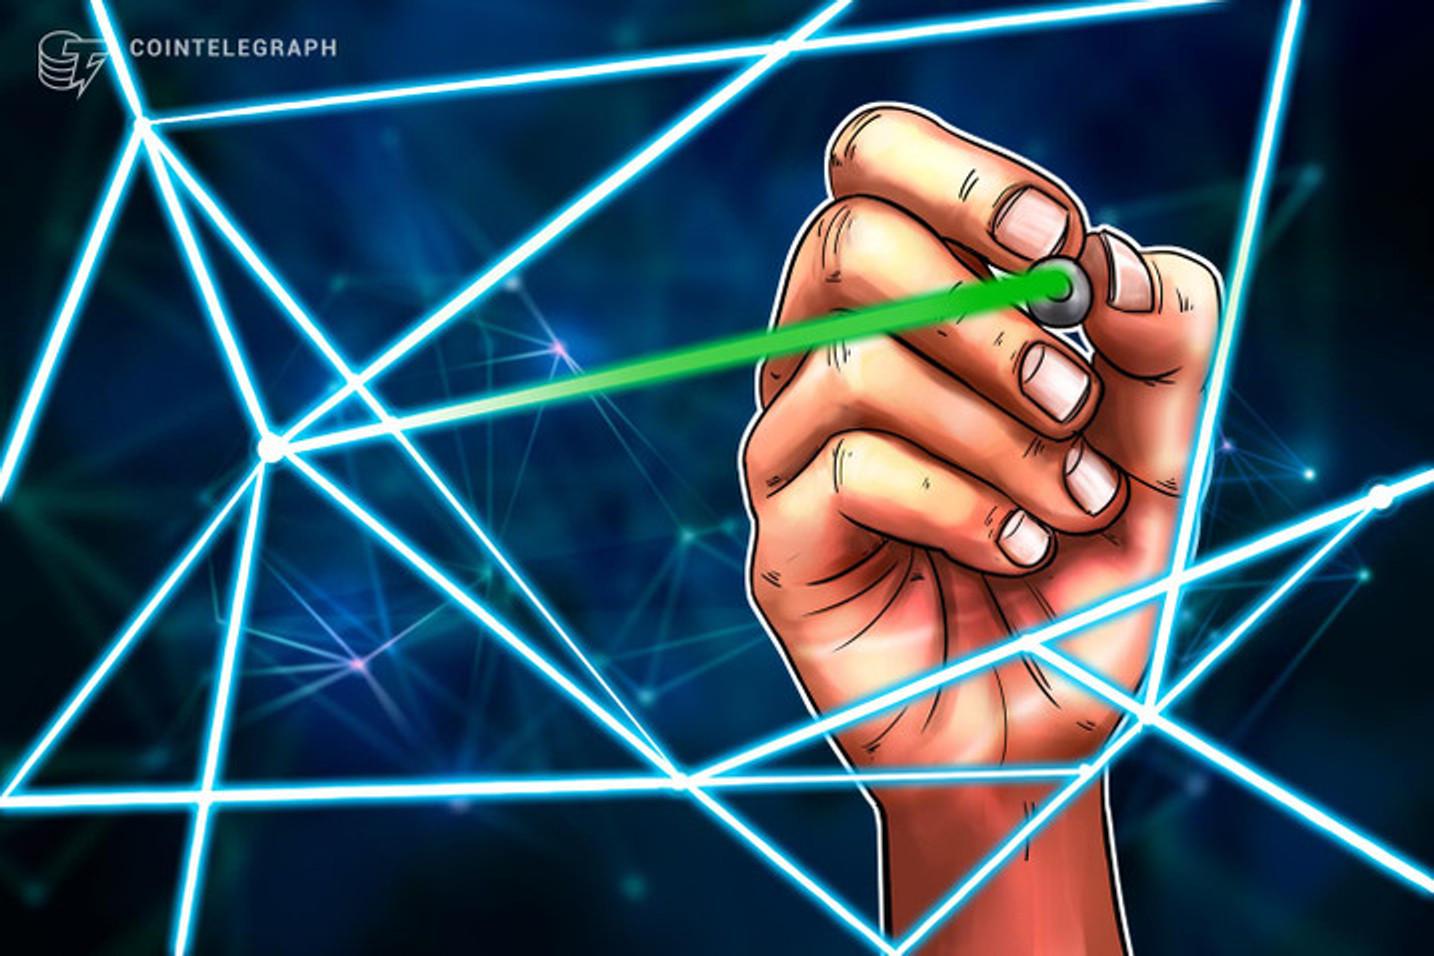 Agencia española de marketing comienza a registrar contratos a través de tecnología blockchain